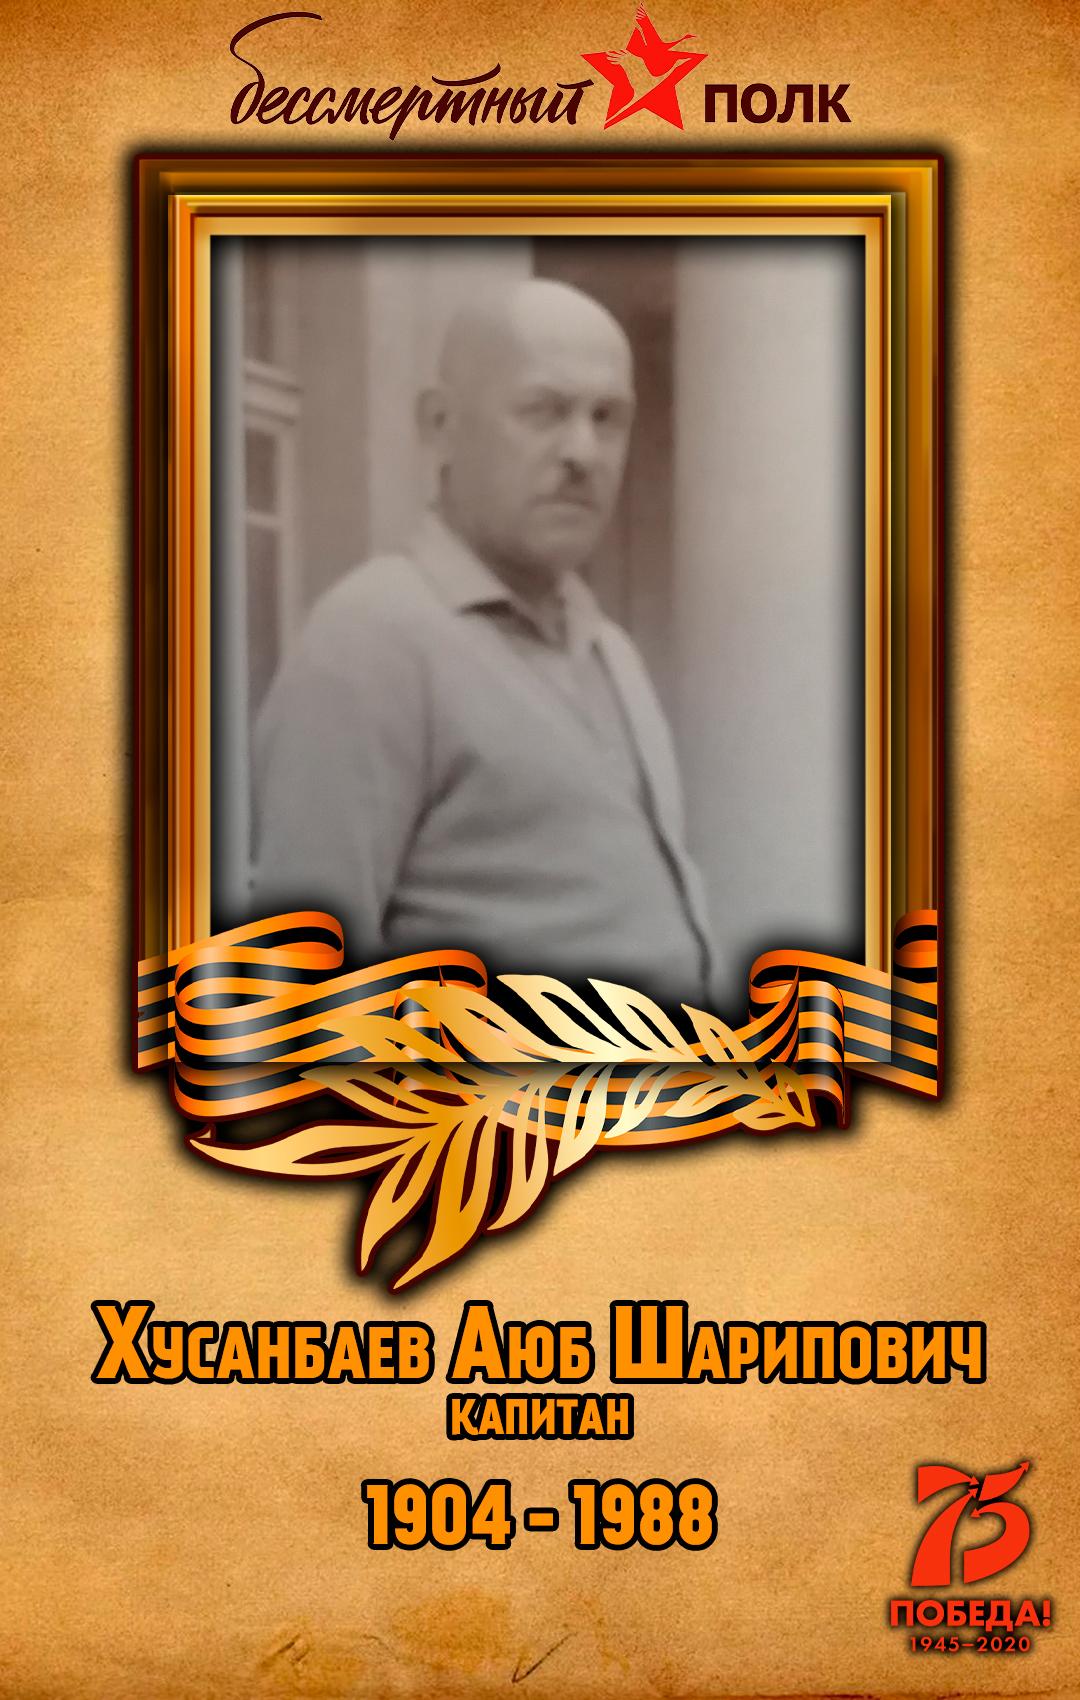 Хусанбаев-Аюб-Шарипович